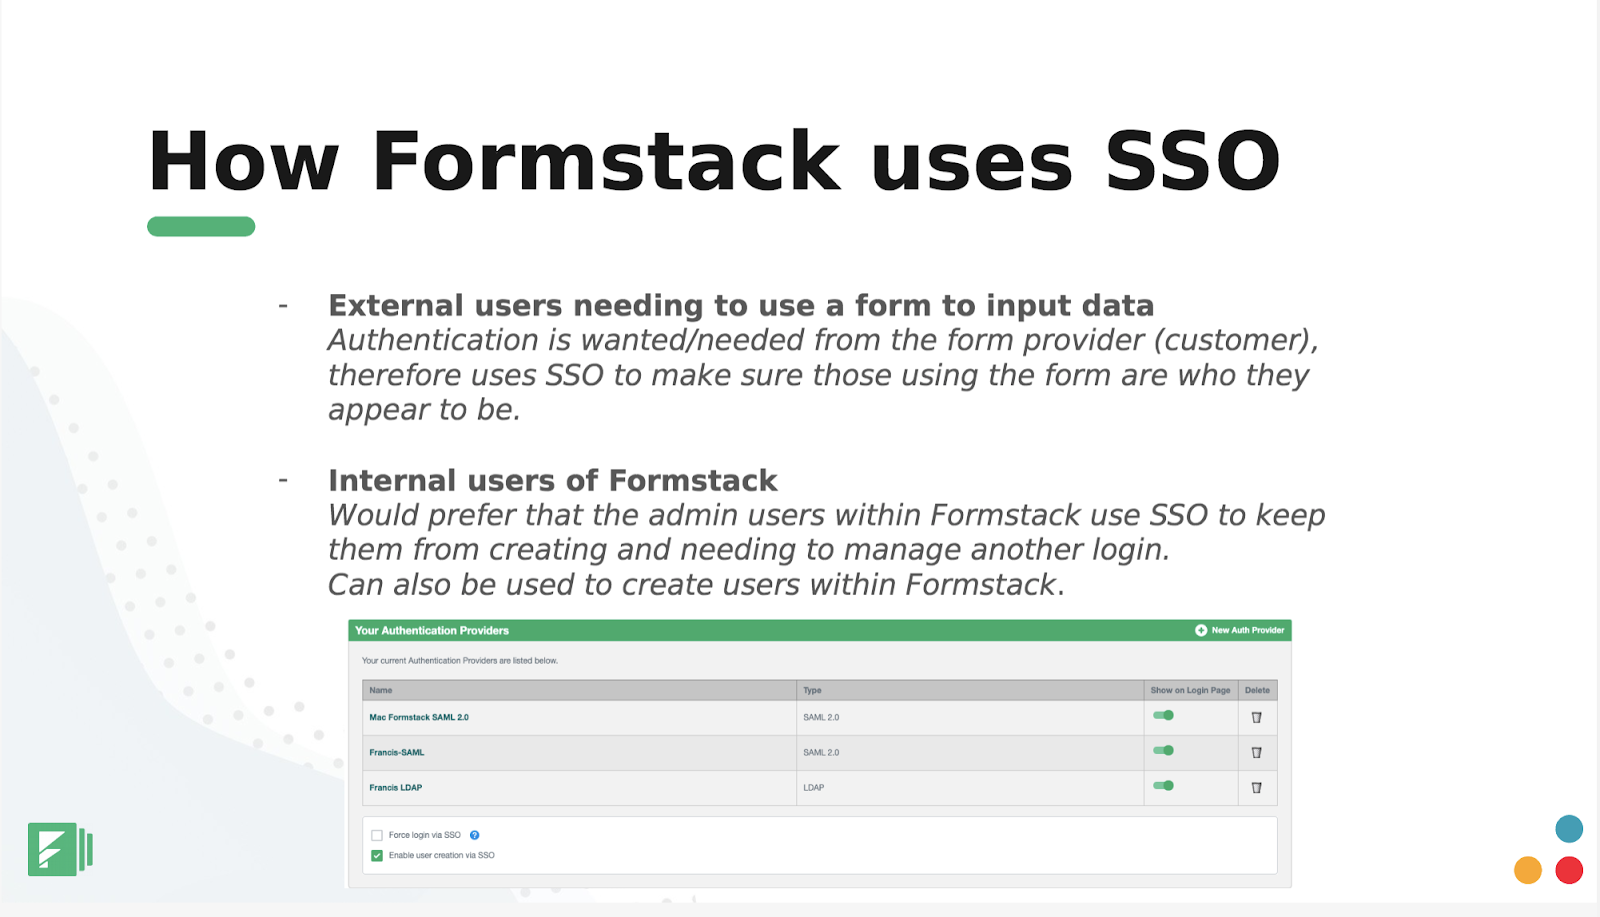 formstack forms hacks for SSO